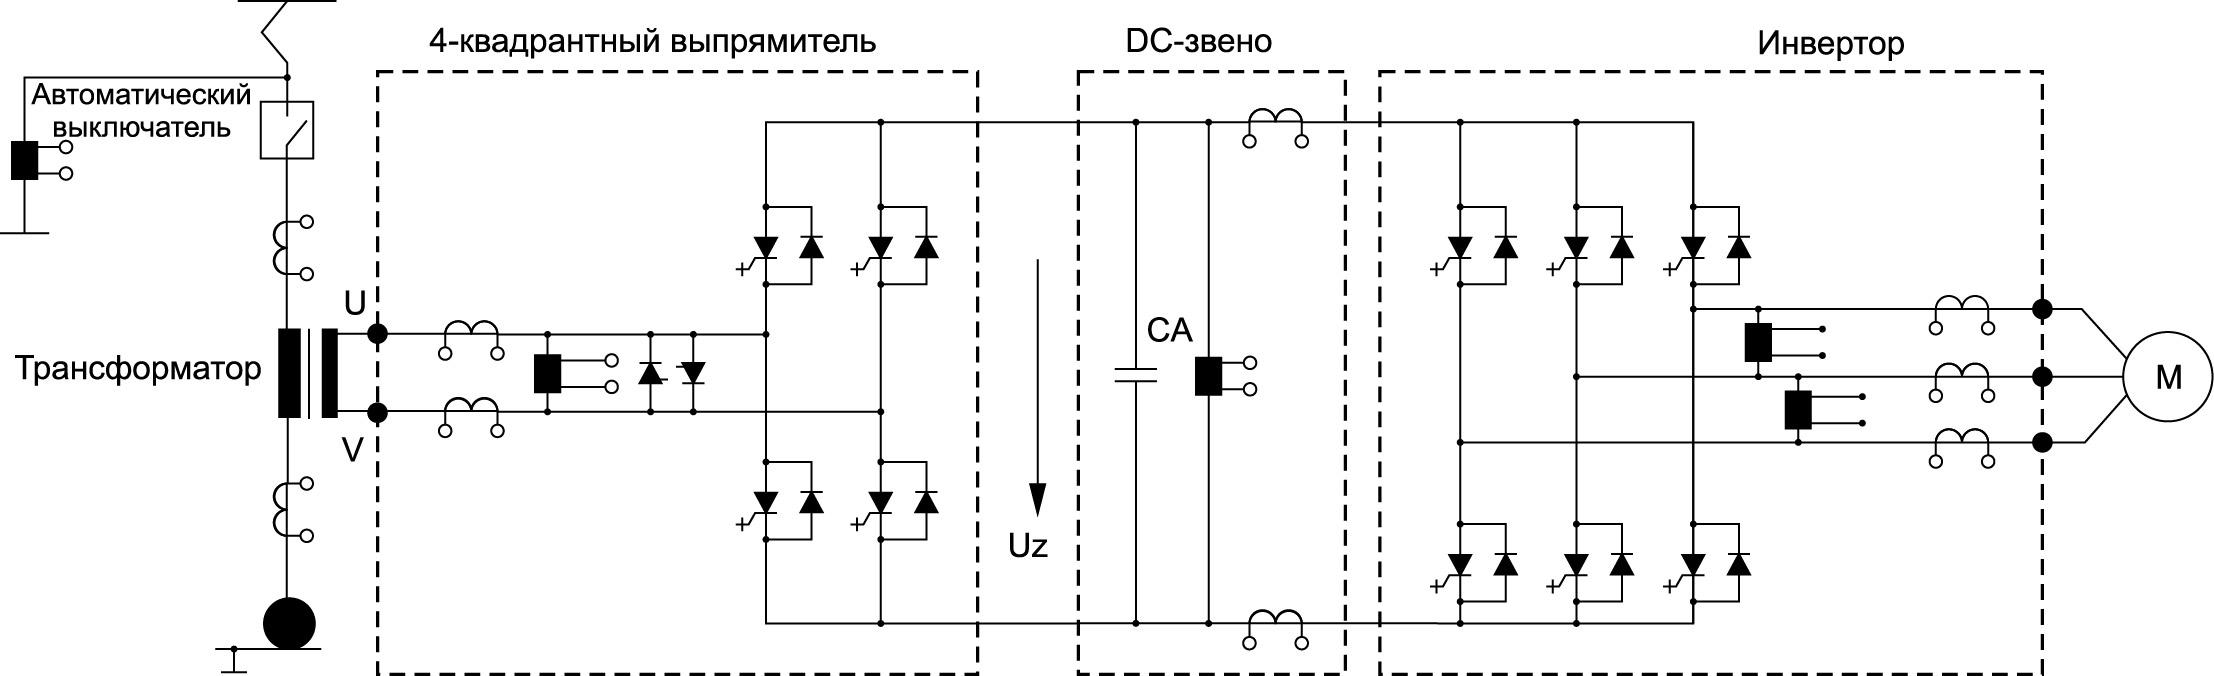 Схема тягового привода